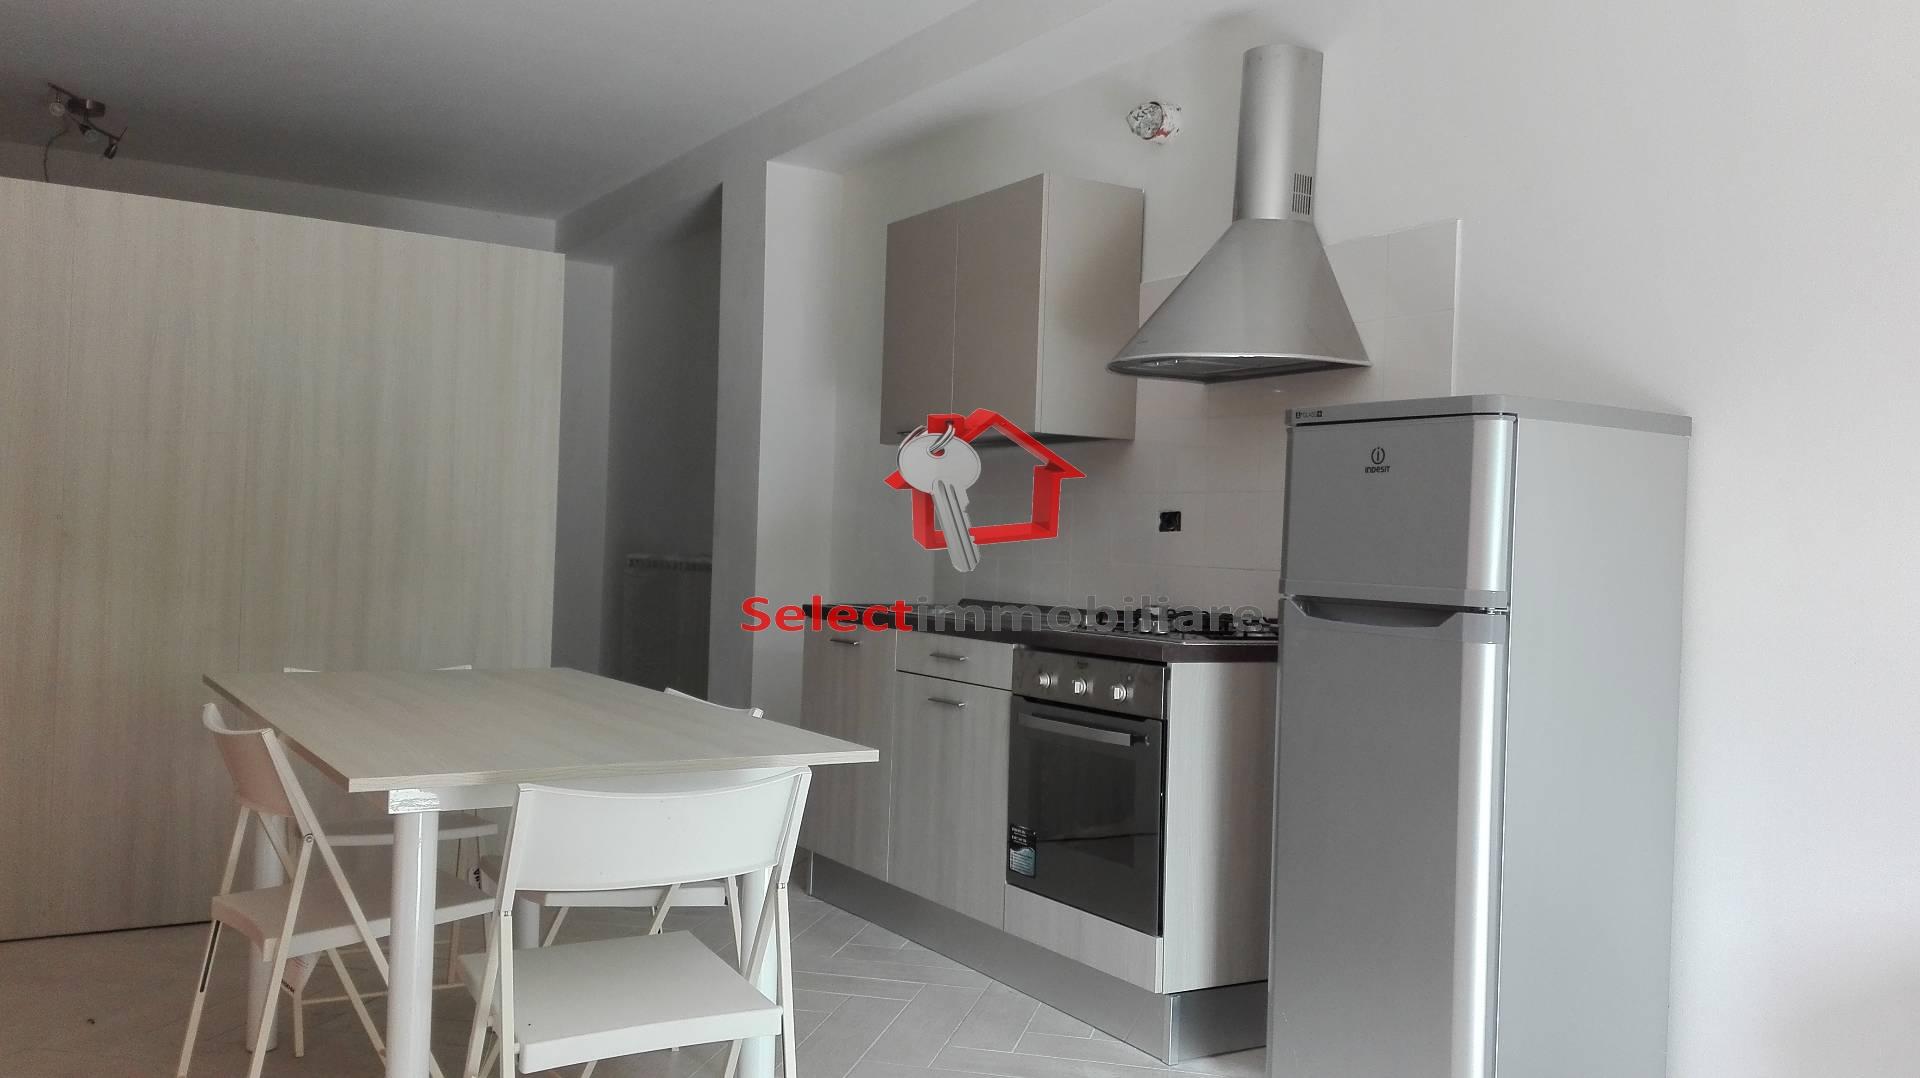 Appartamento in vendita a Bagni di Lucca, 1 locali, prezzo € 95.000 | CambioCasa.it